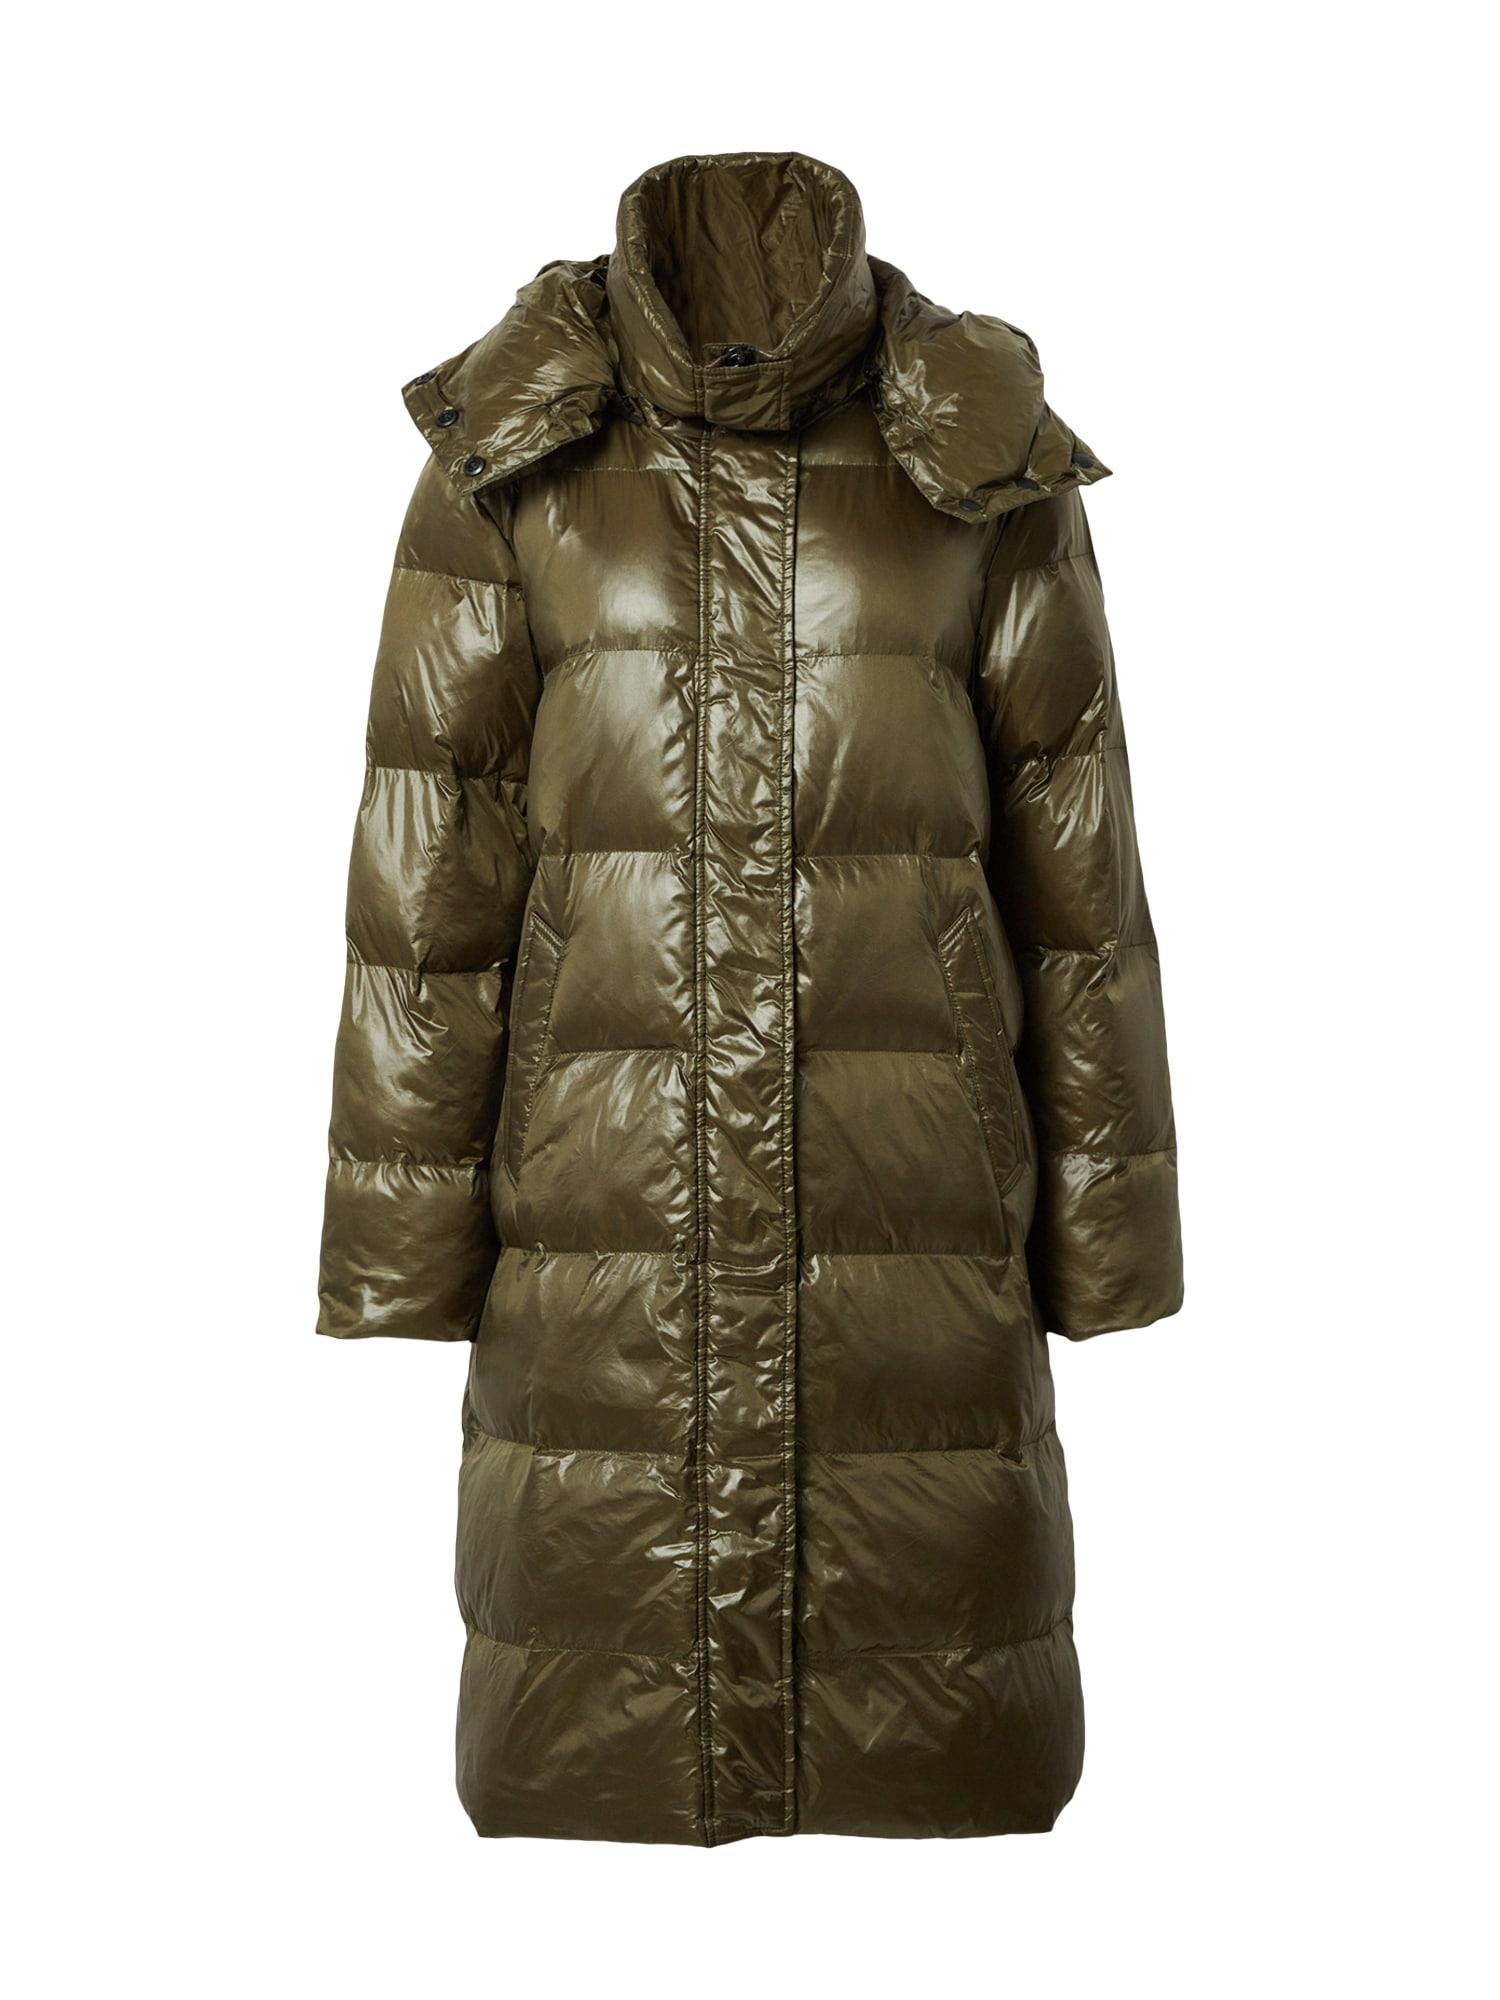 Canadian Classics Žieminis paltas 'Charlotte' rusvai žalia